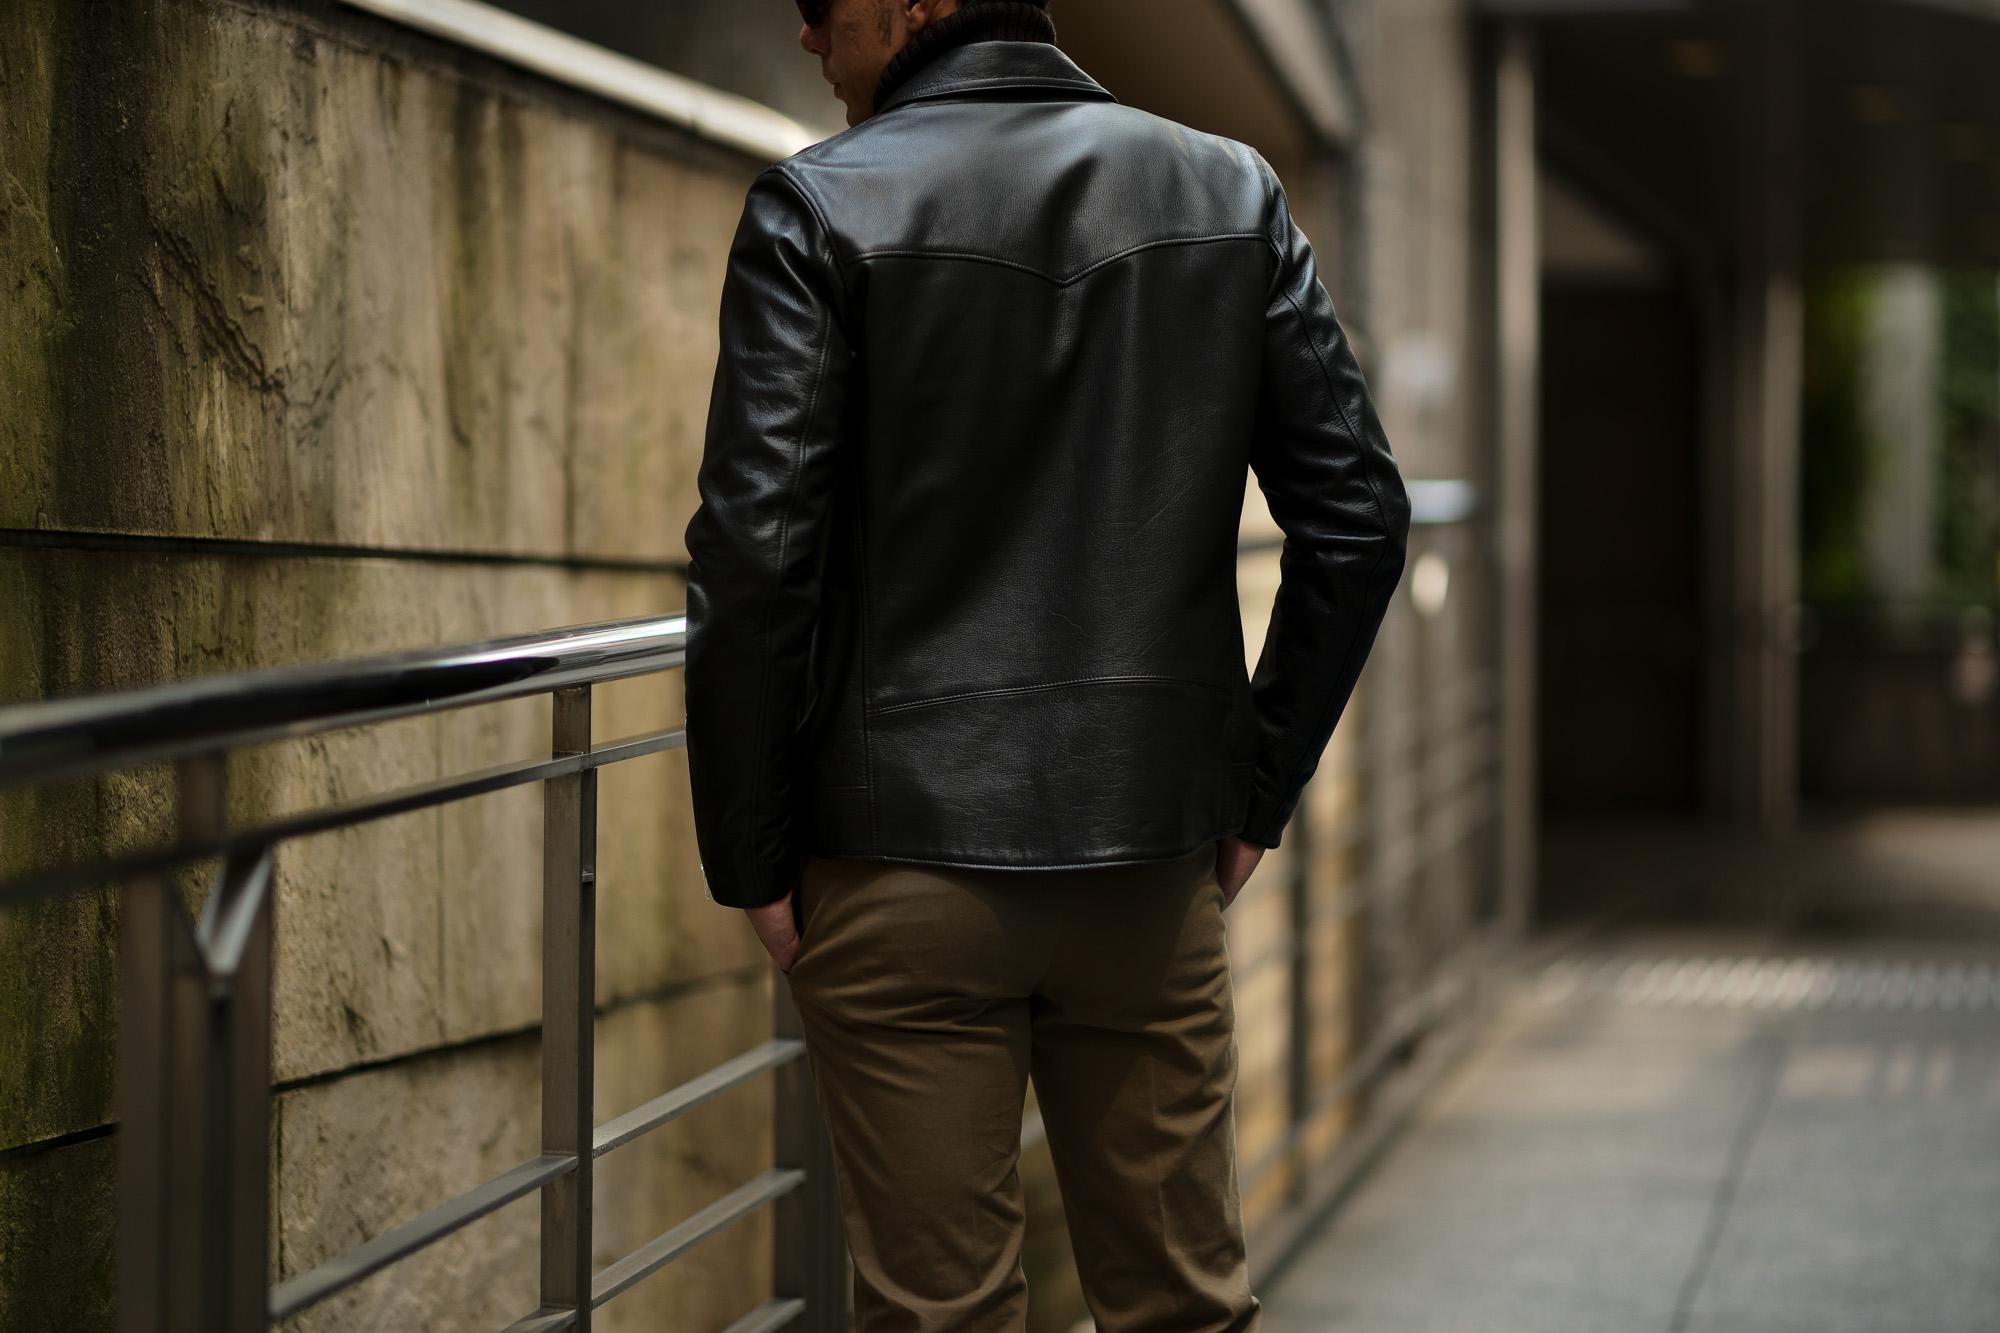 Cuervo (クエルボ) Satisfaction Leather Collection (サティスファクション レザー コレクション) TOM (トム) BUFFALO LEATHER (バッファロー レザー) シングル ライダース ジャケット BROWN (ブラウン) MADE IN JAPAN (日本製) 2019 秋冬新作 クエルボ レザージャケット 愛知 名古屋 alto e diritto アルトエデリット セレクトショップ